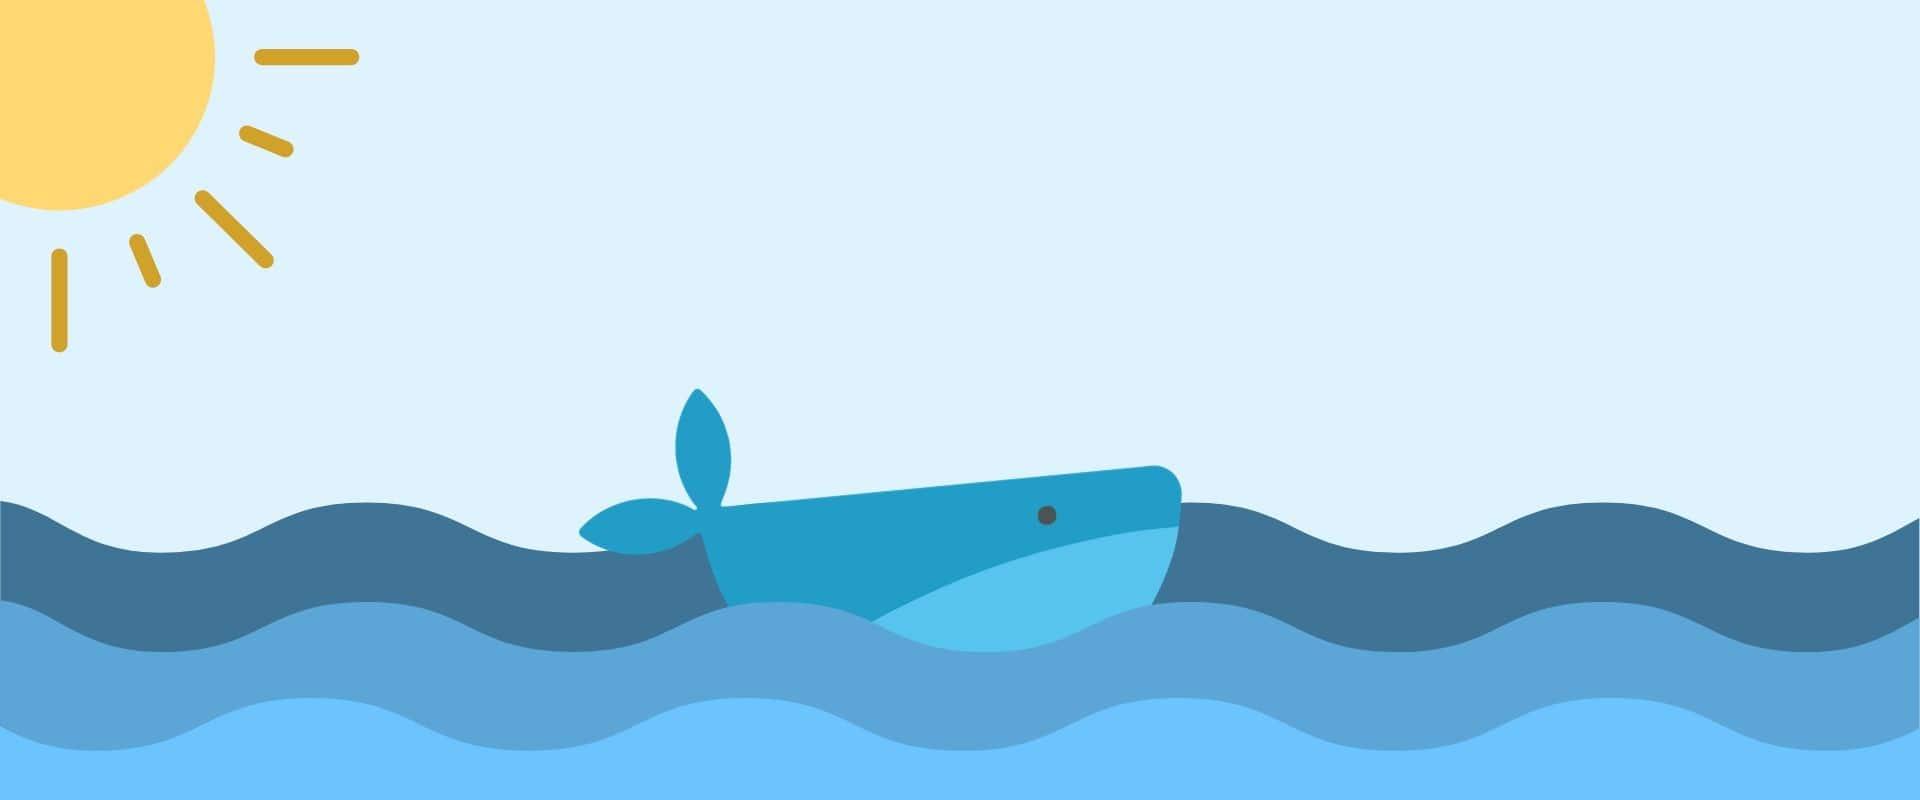 La Baleine Basque réapparaît !